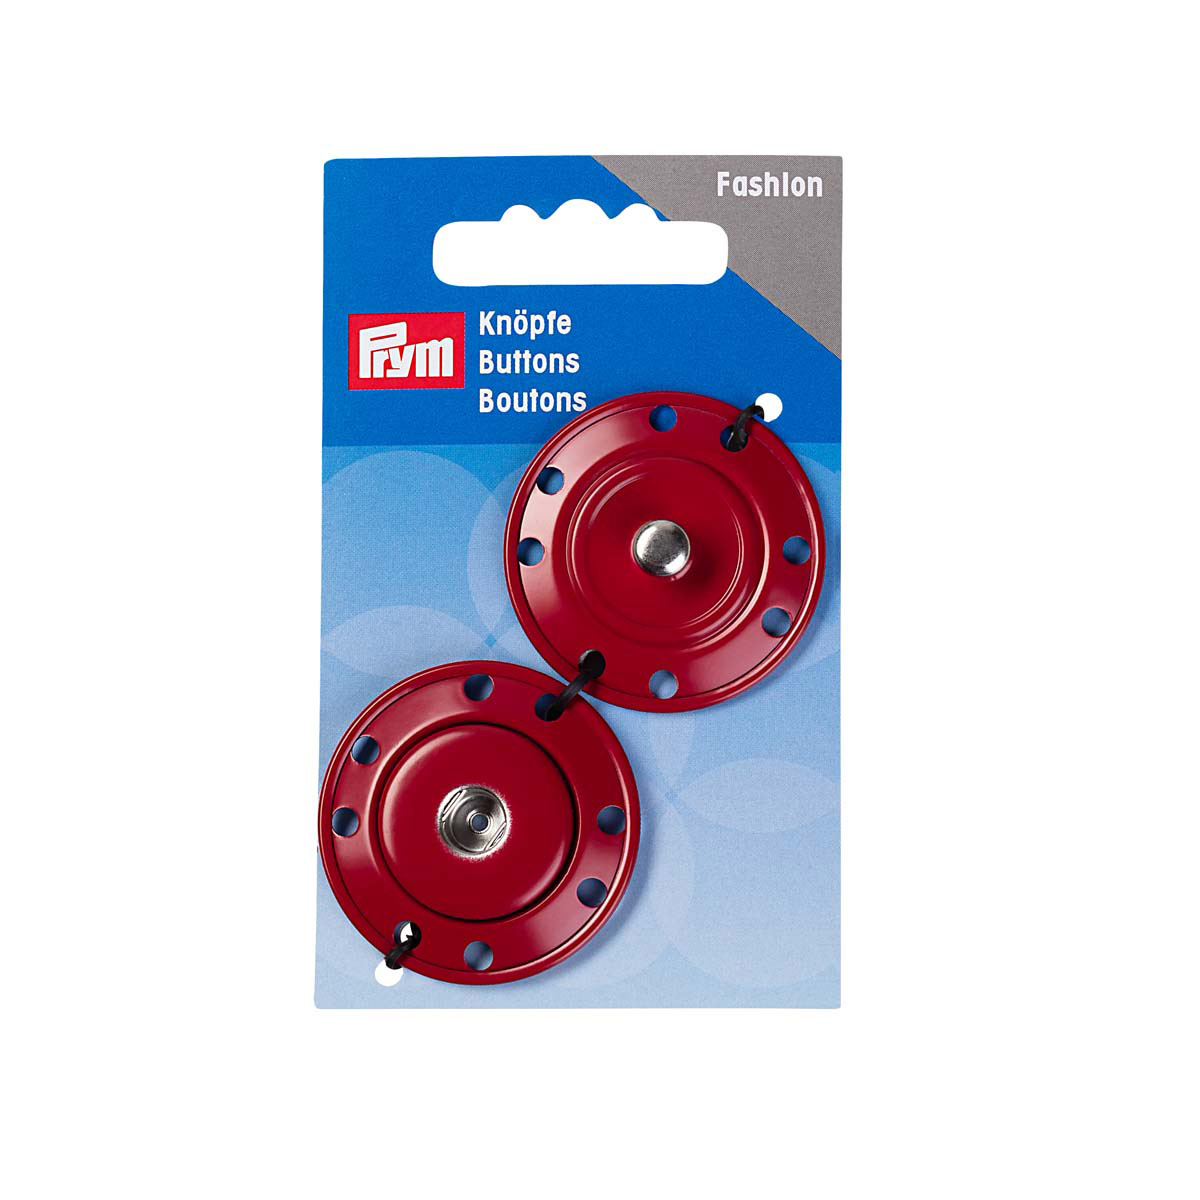 341832 Кнопки пришивные, темно-красный, 25 мм, Prym